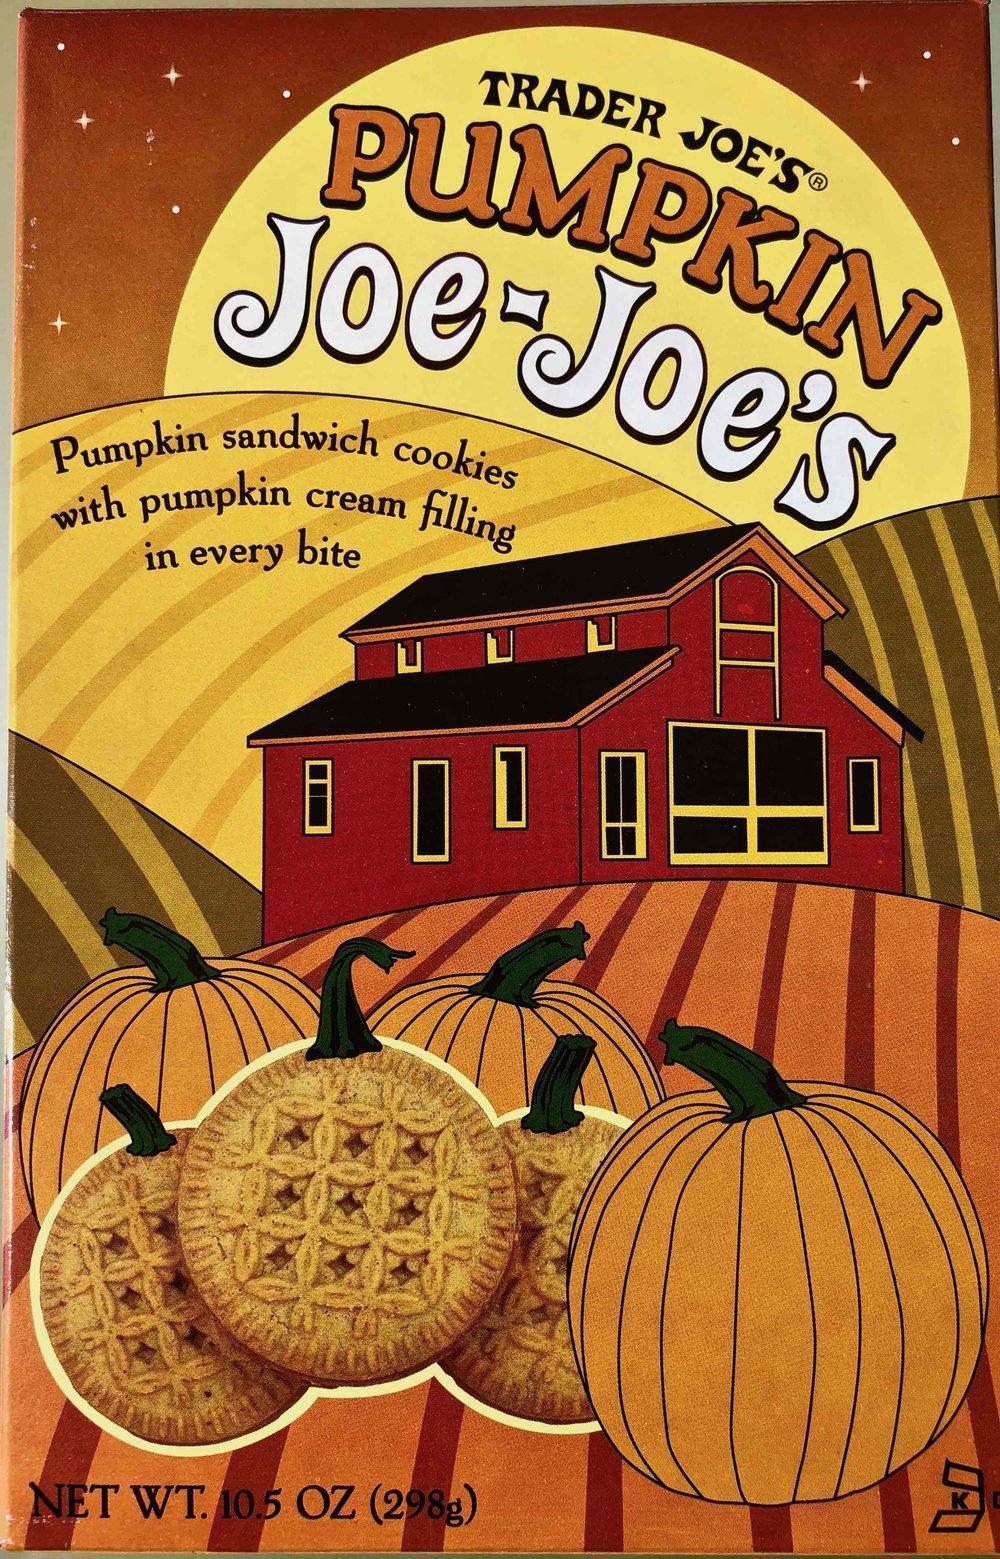 Pumpkin Joe-Joe's